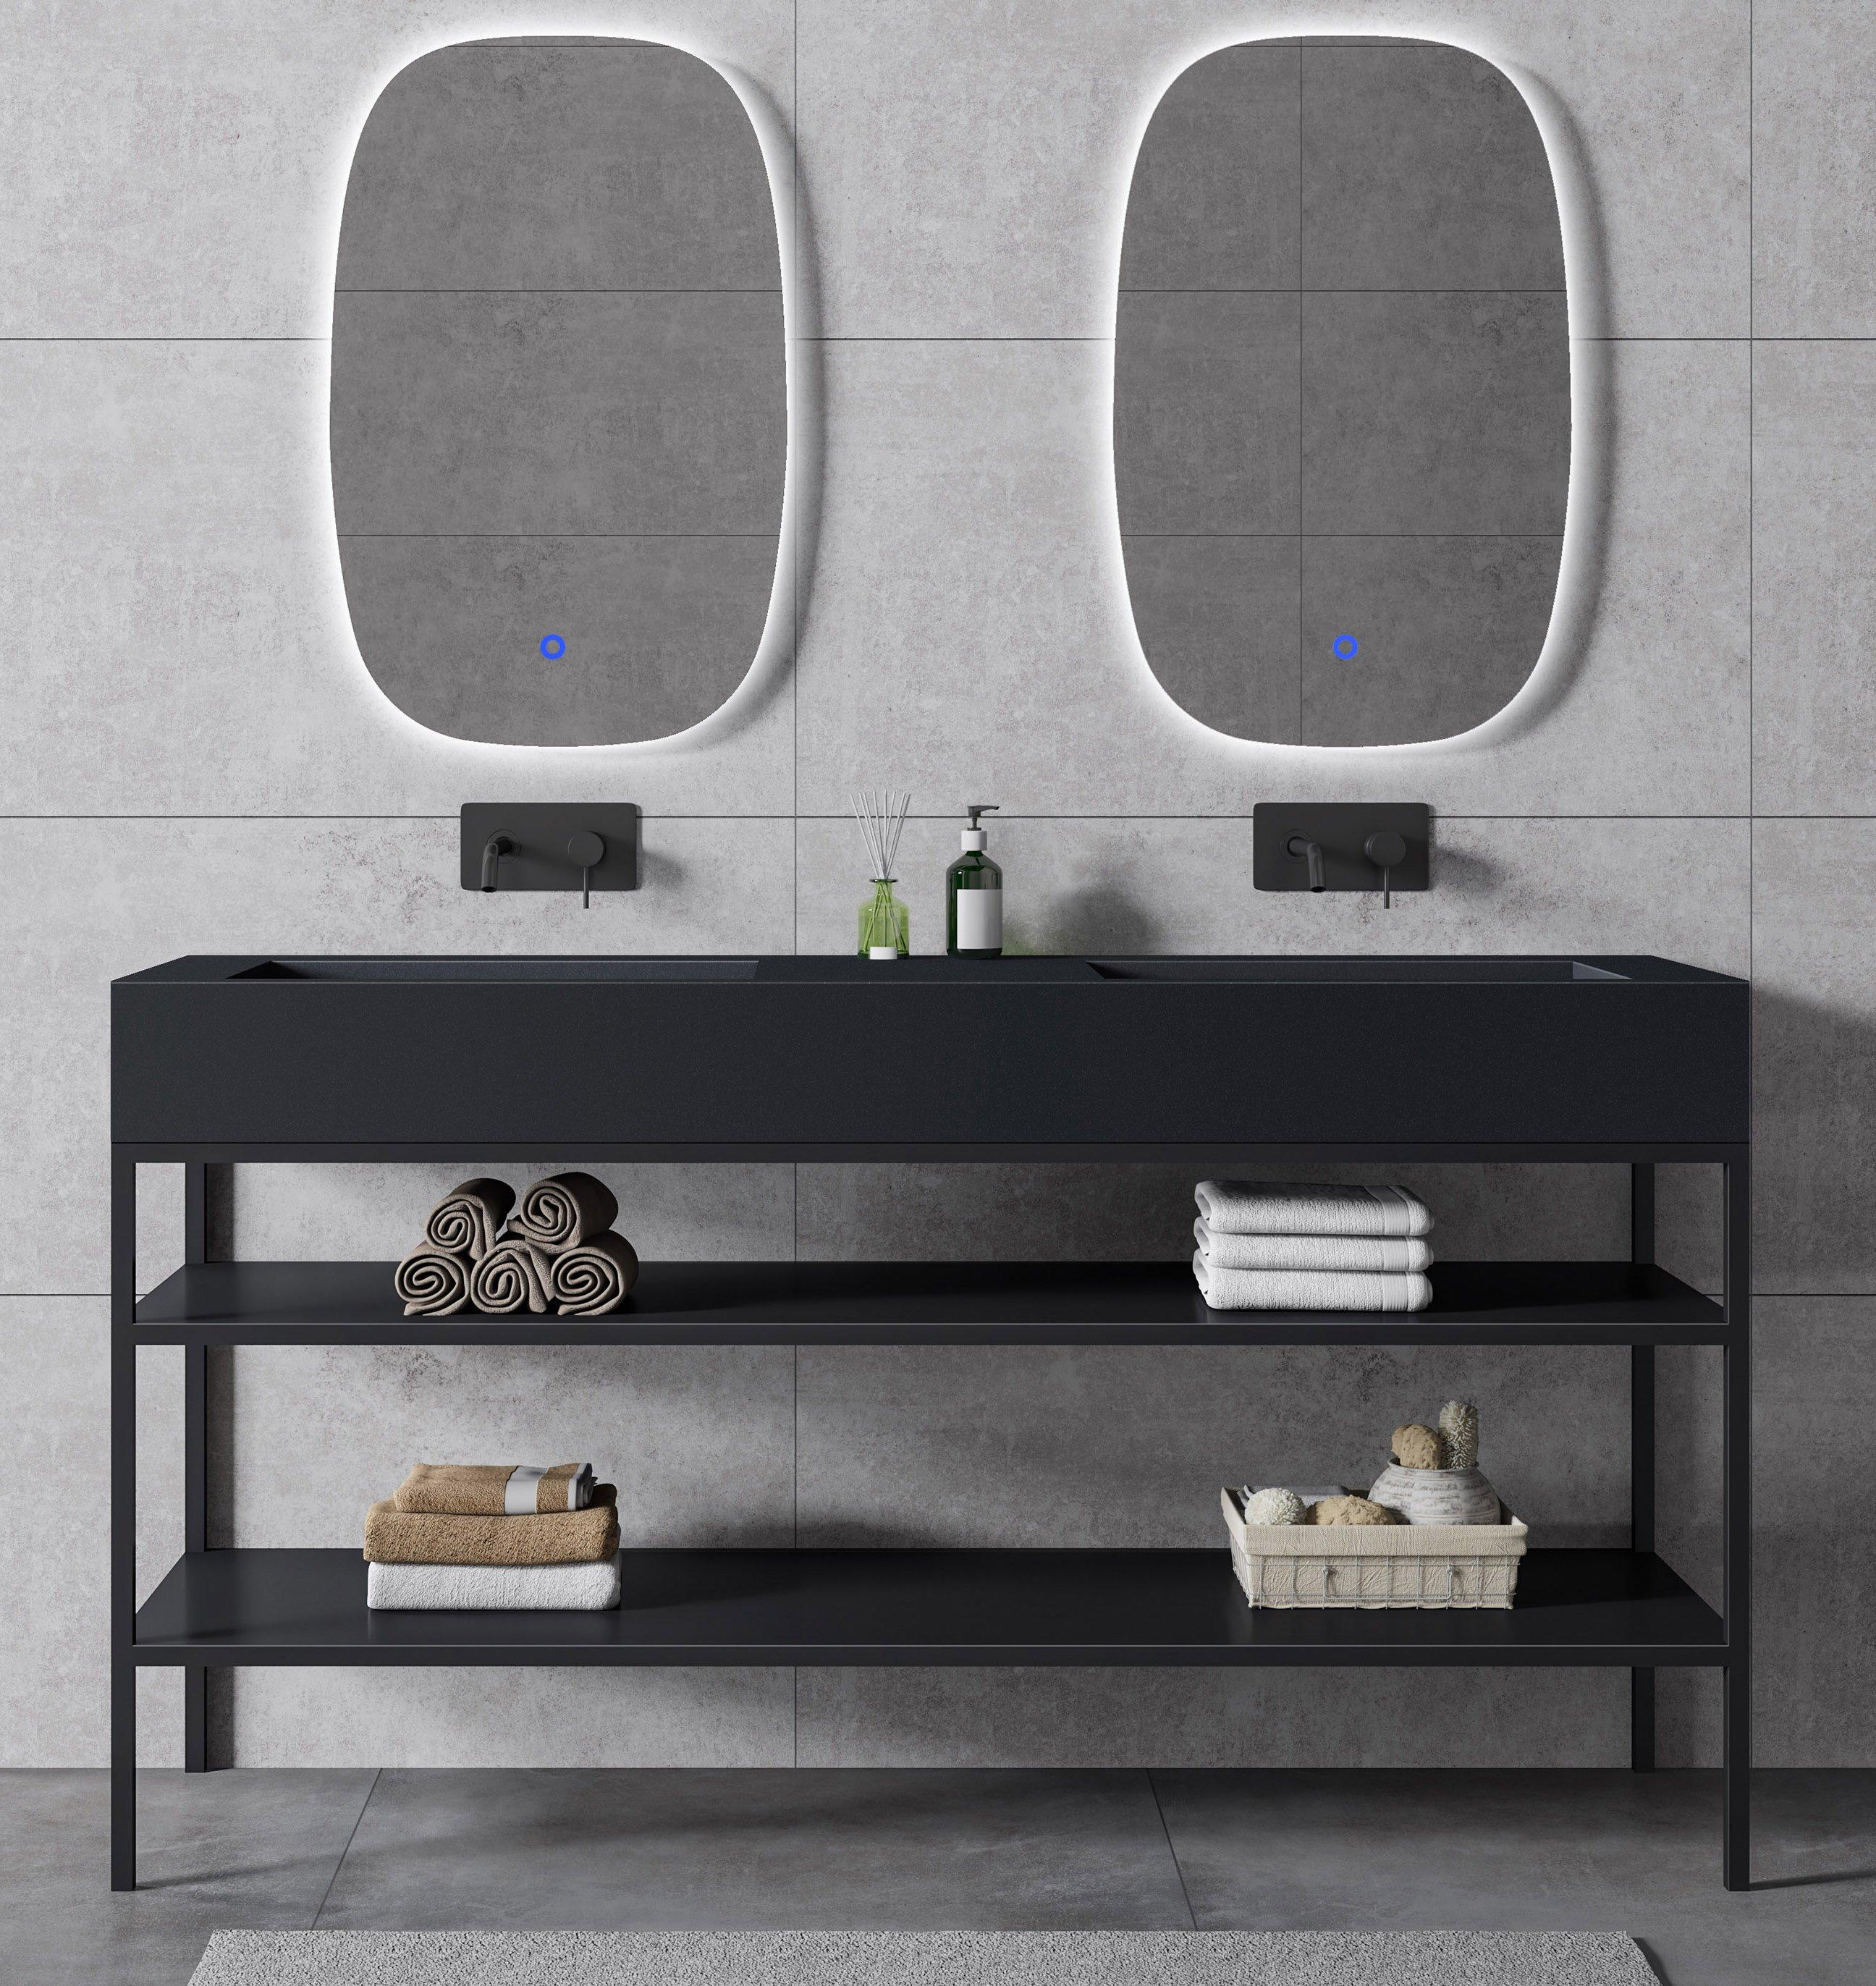 Waschbecken Metallkonsole 150S stehend - Schwarz matt - passendes Untergestell für BERNSTEIN Waschbecken TWG16